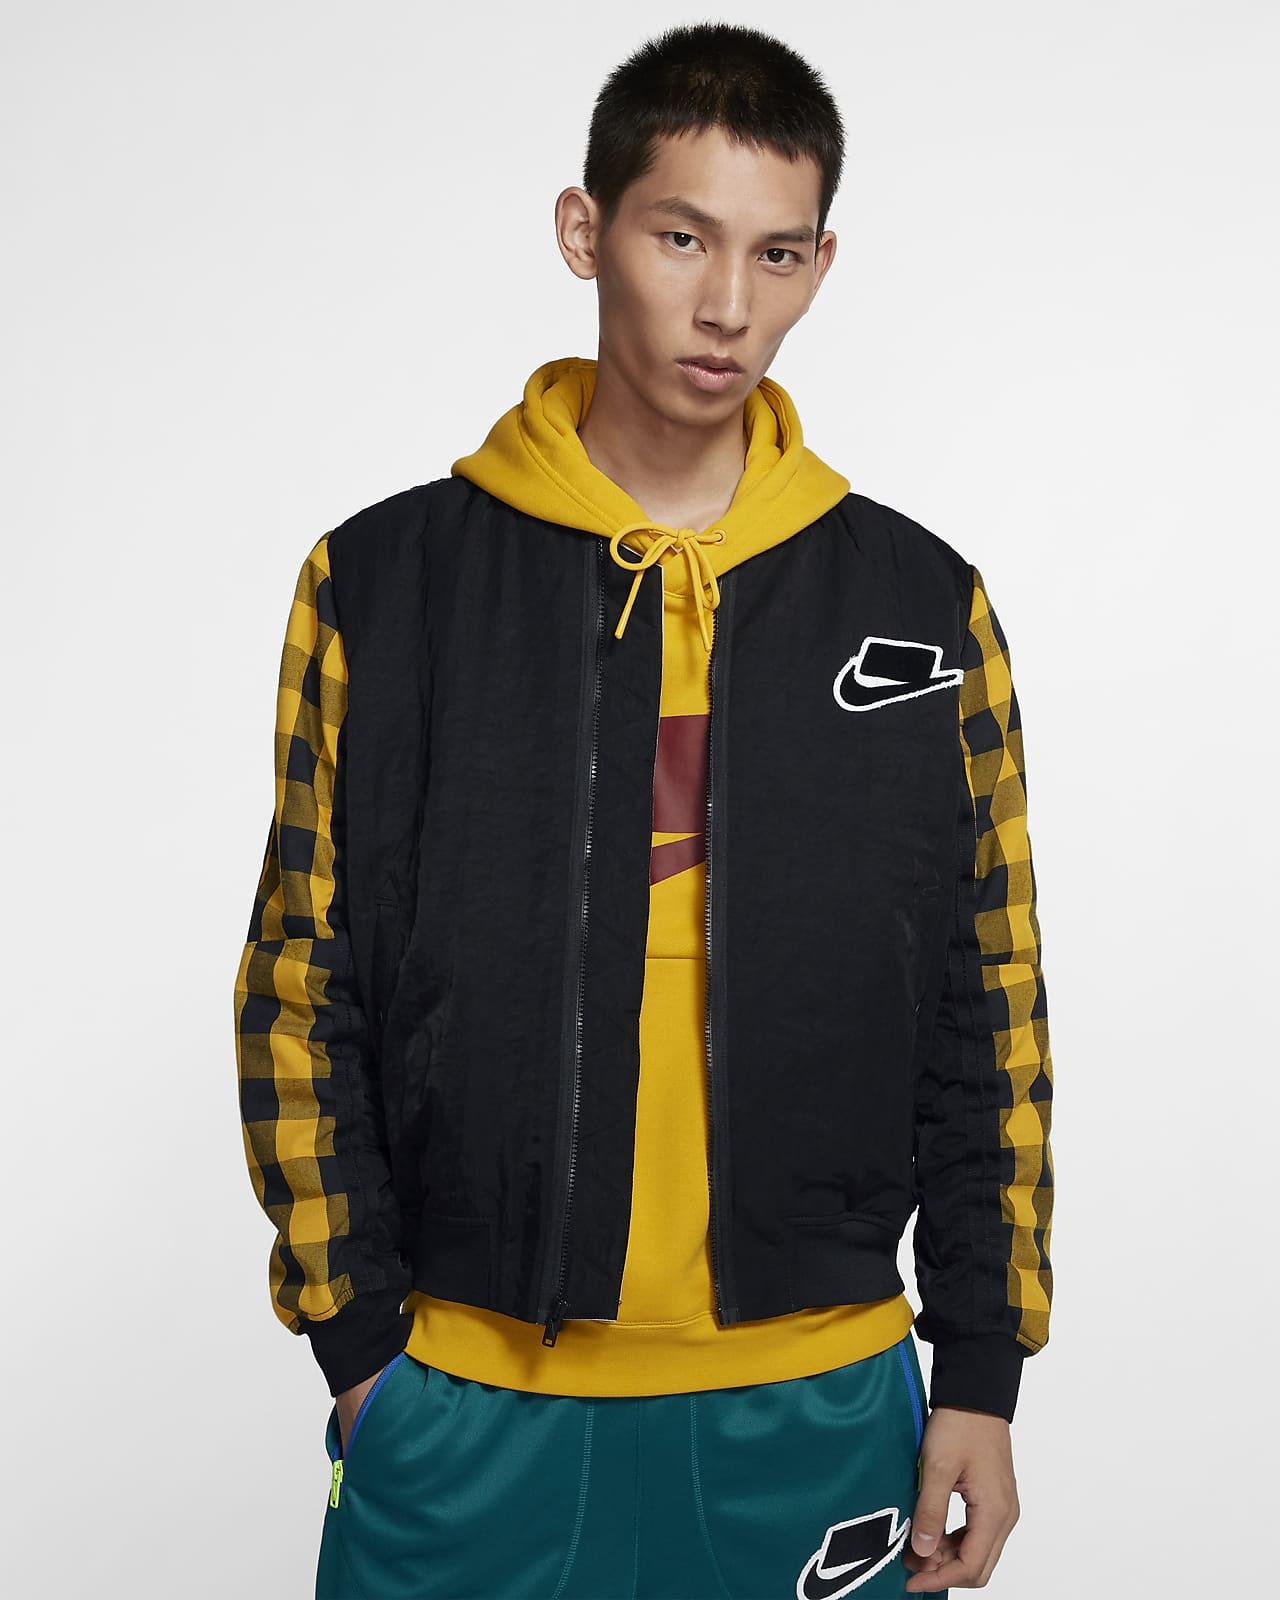 Nike Sportswear 男子夹克